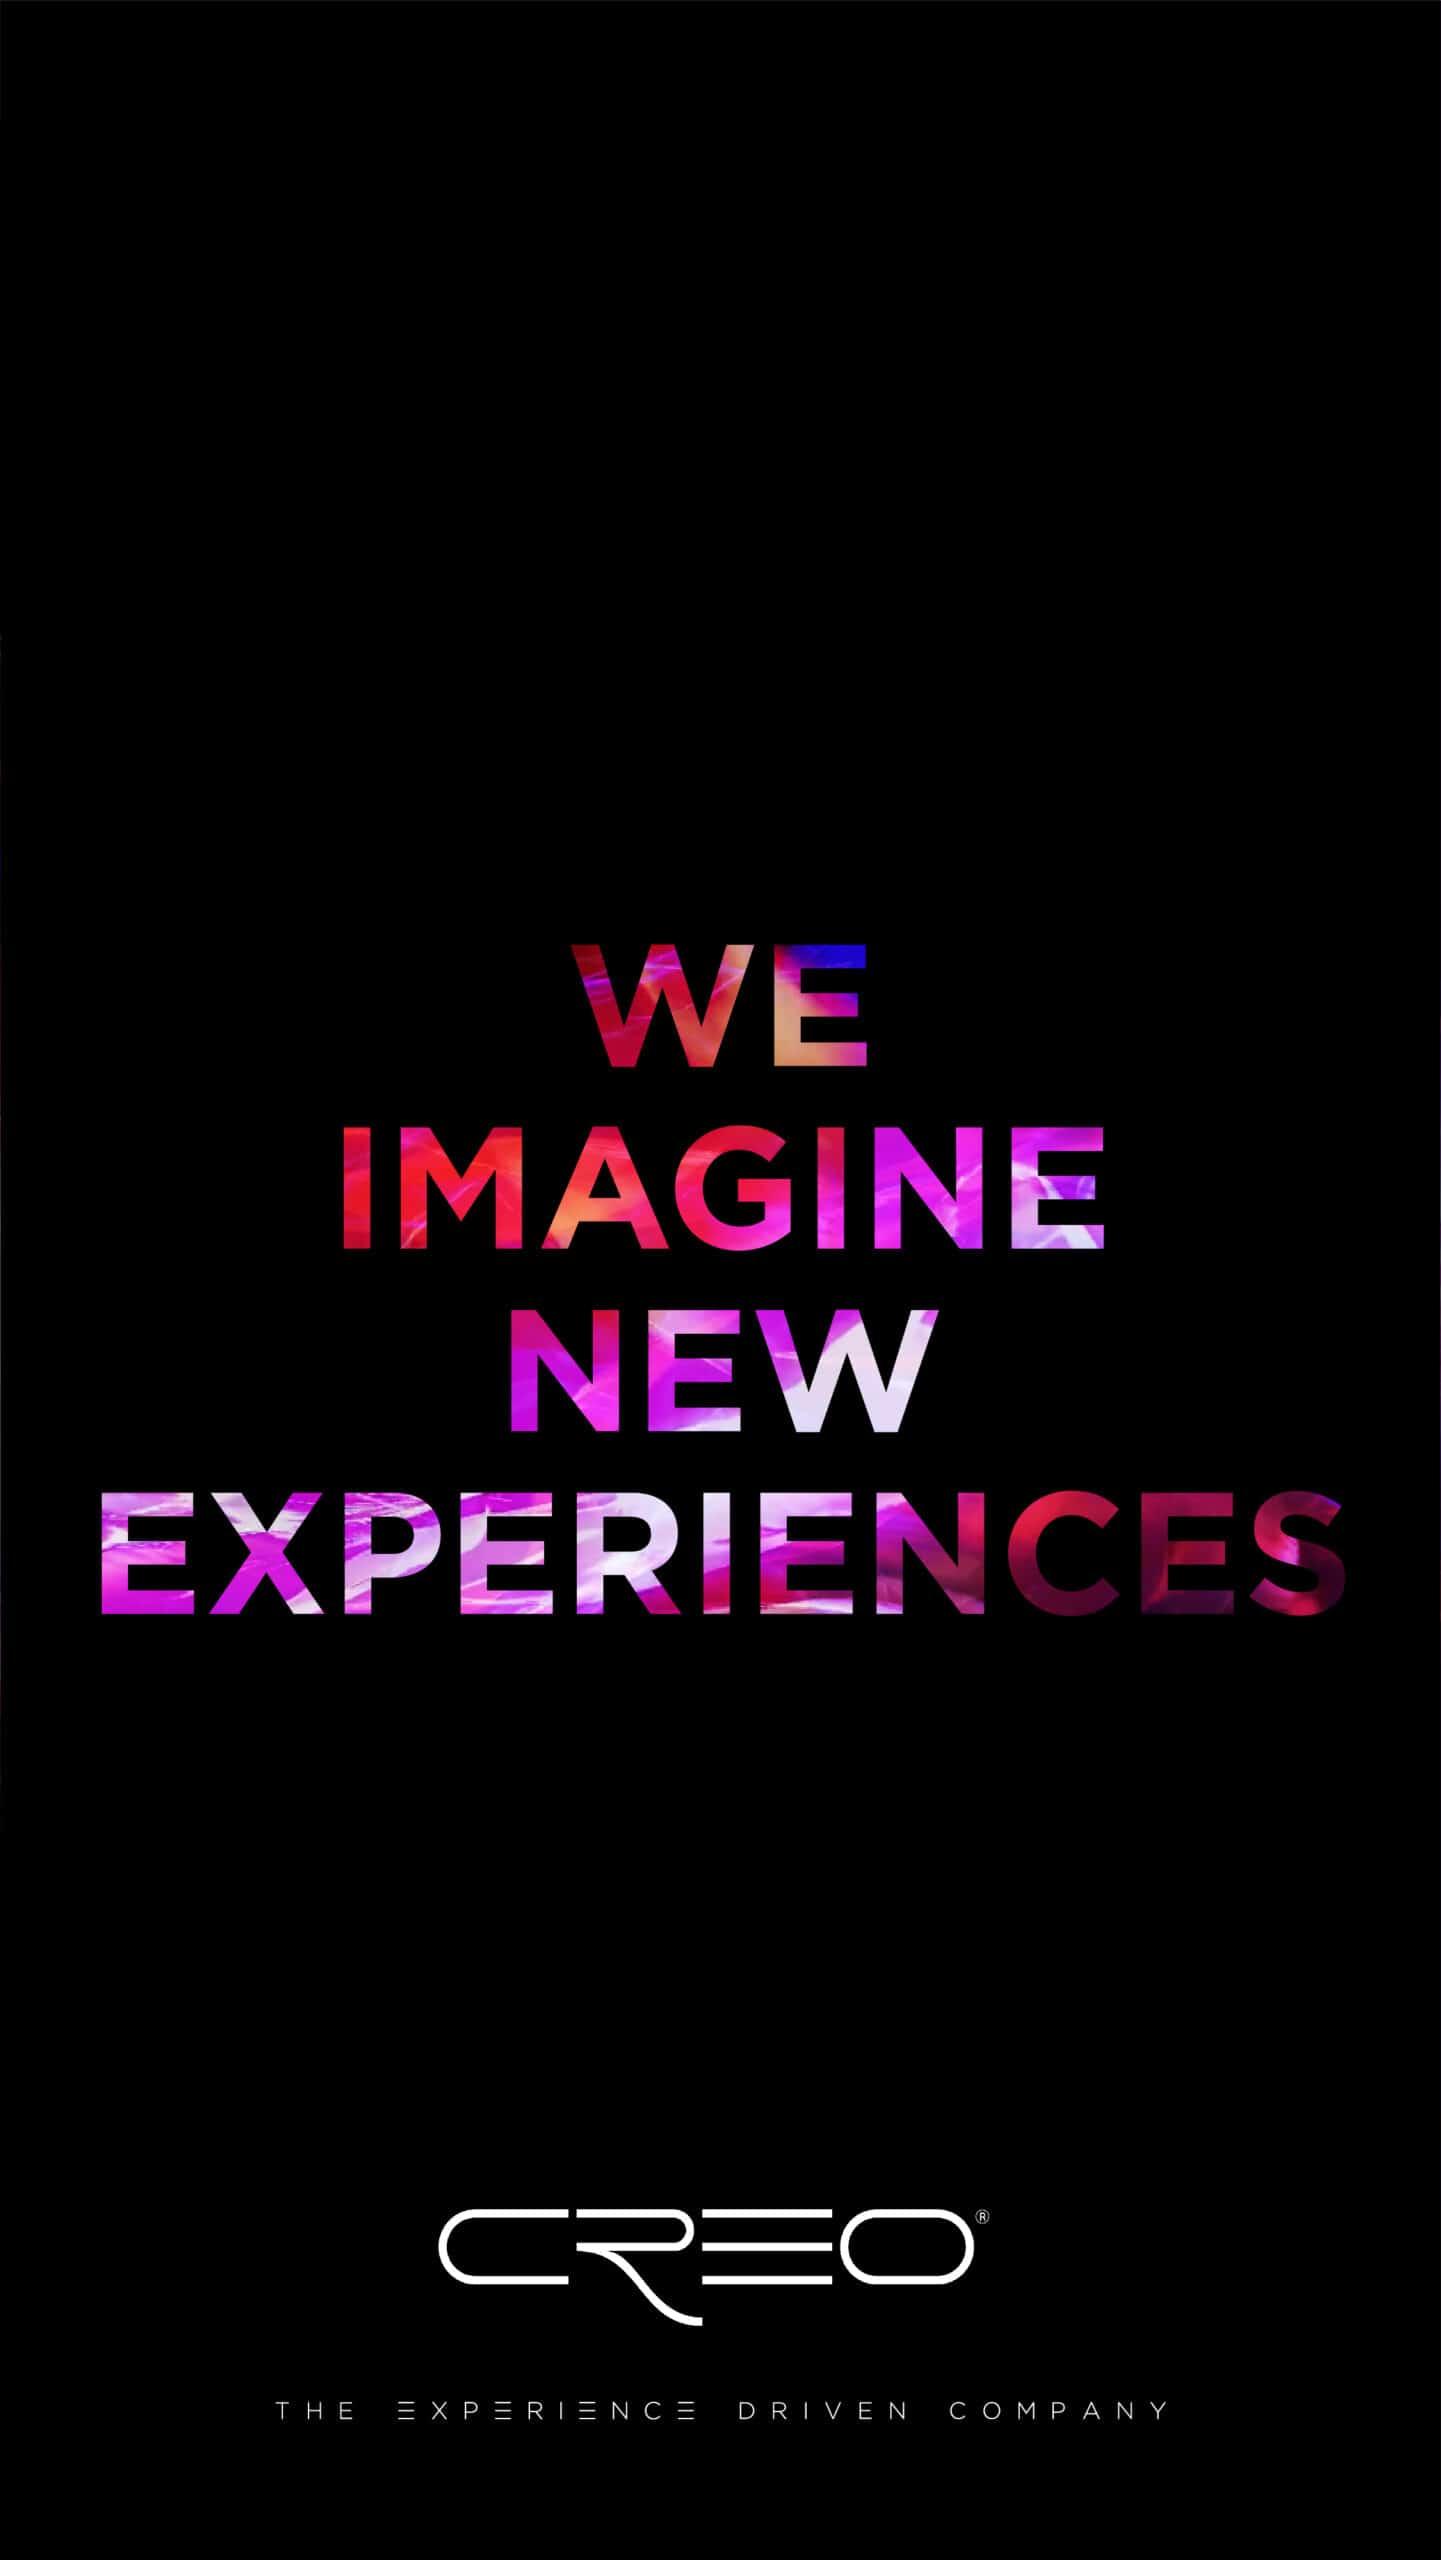 CREO - The Experience Driven Company